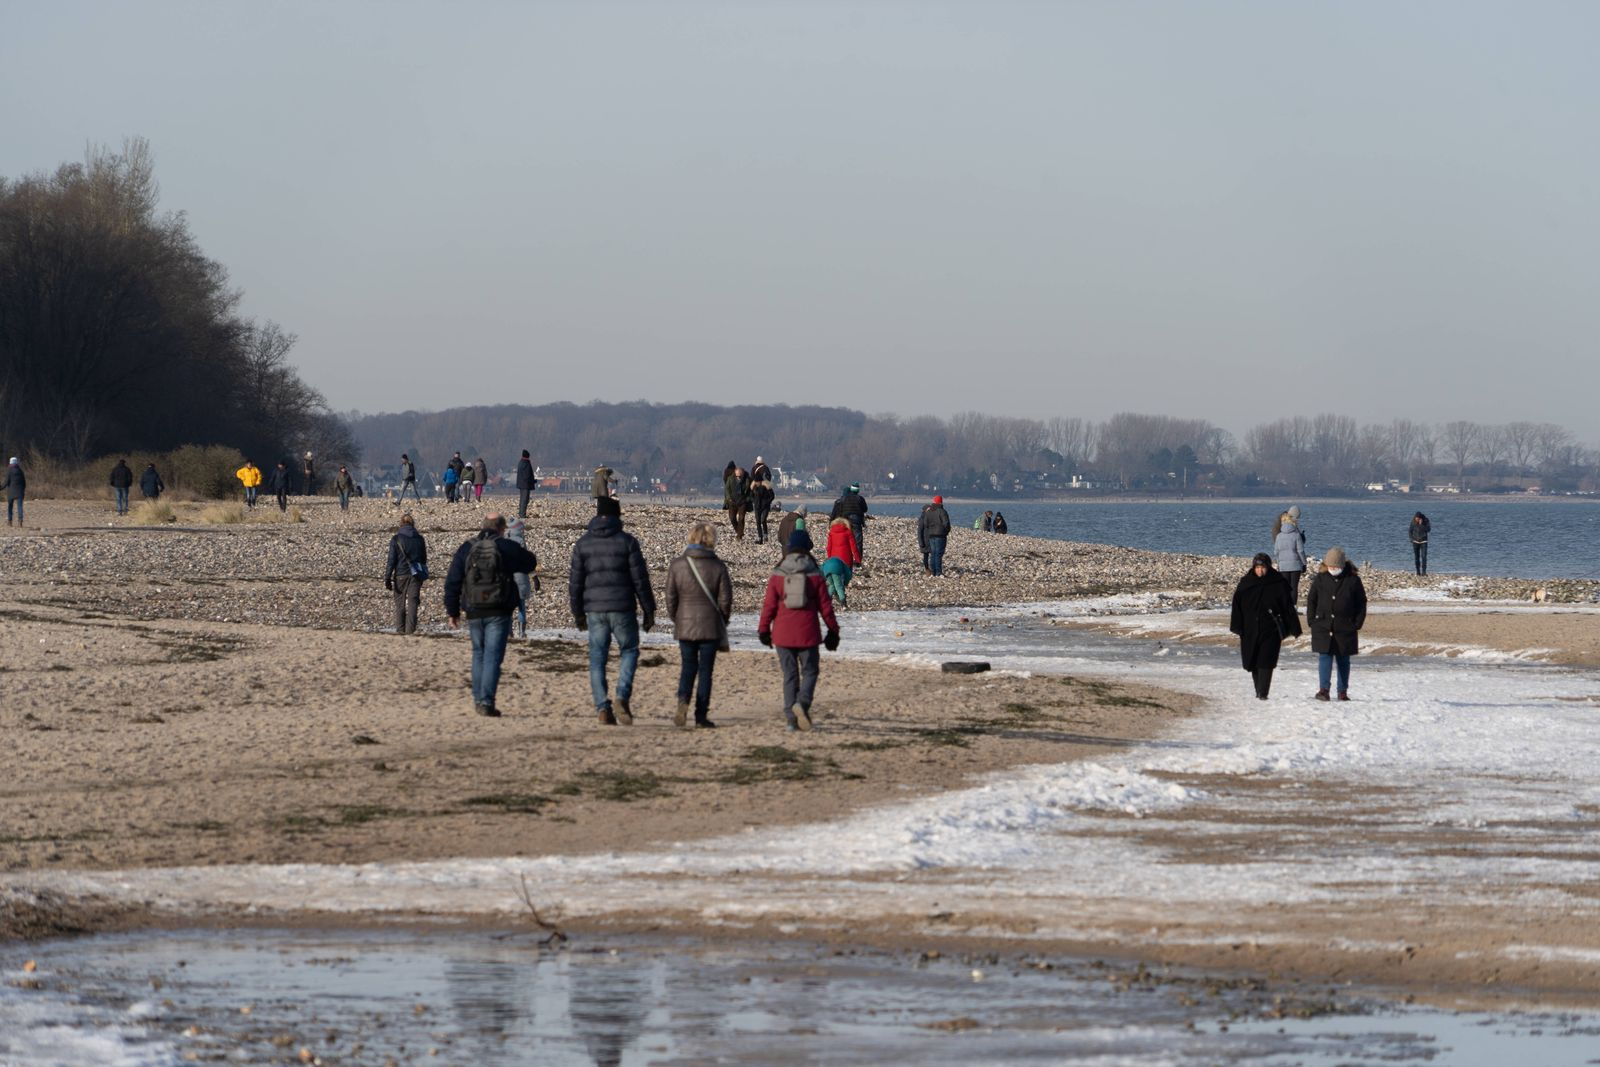 Wintertag am Falkensteiner Strand an der Kieler Förde gegenüber von Laboe im Corona-Lockdown -;Wintertag am Falkensteine